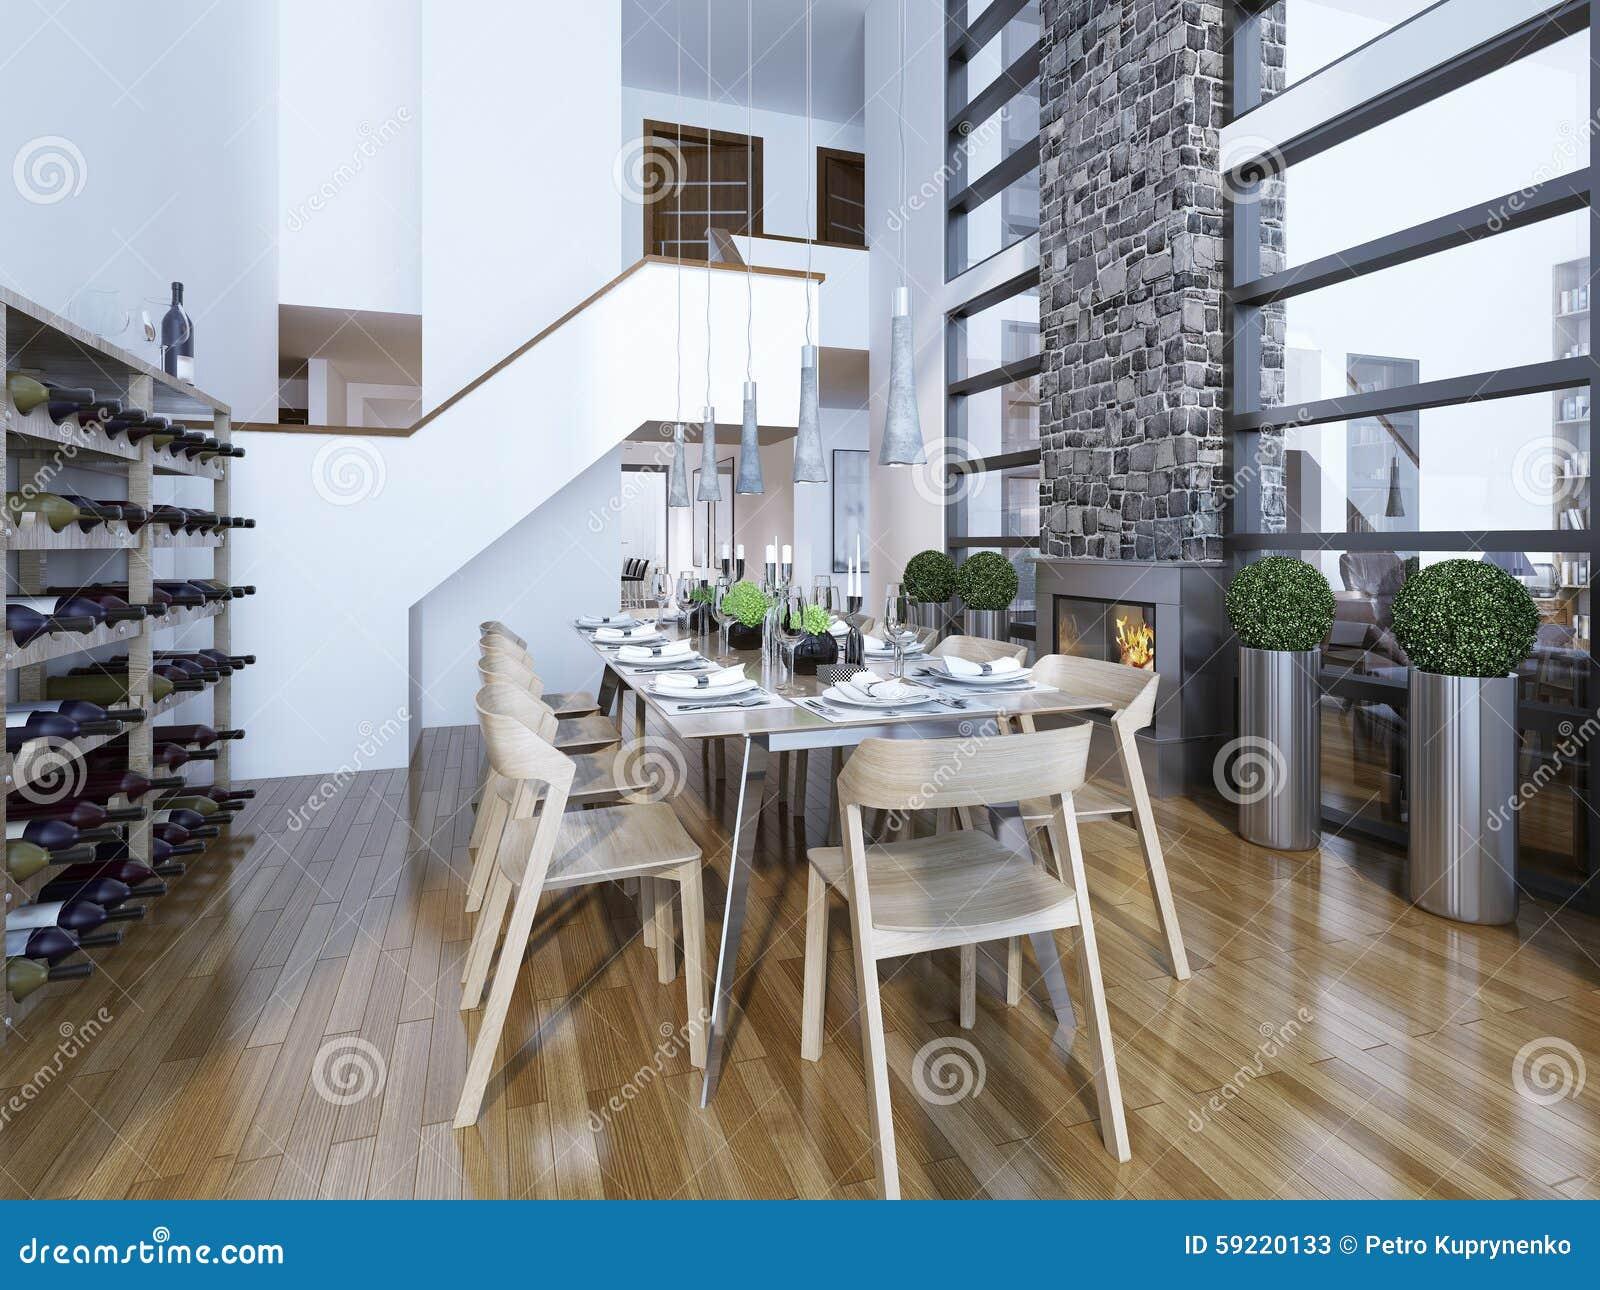 Eetkamer moderne stijl stock afbeelding afbeelding bestaande uit